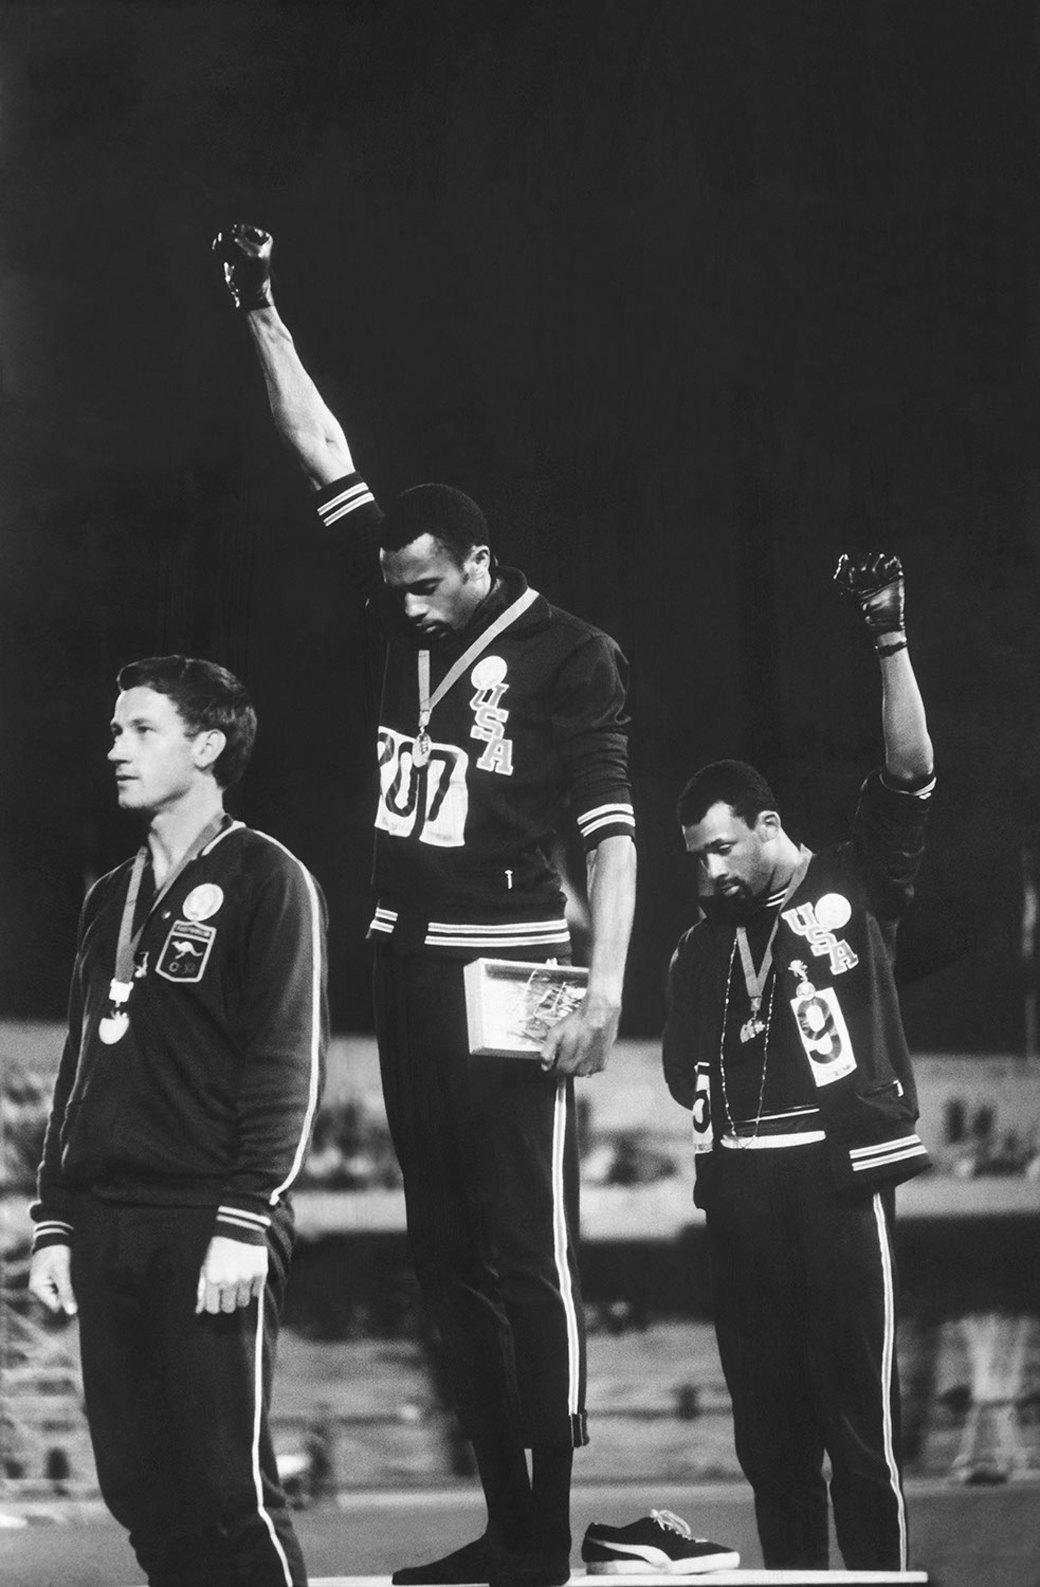 Знак солидарности с движением за права чернокожего населения США. Олимпийские игры в Мехико. 1968 год. Джон Доминис